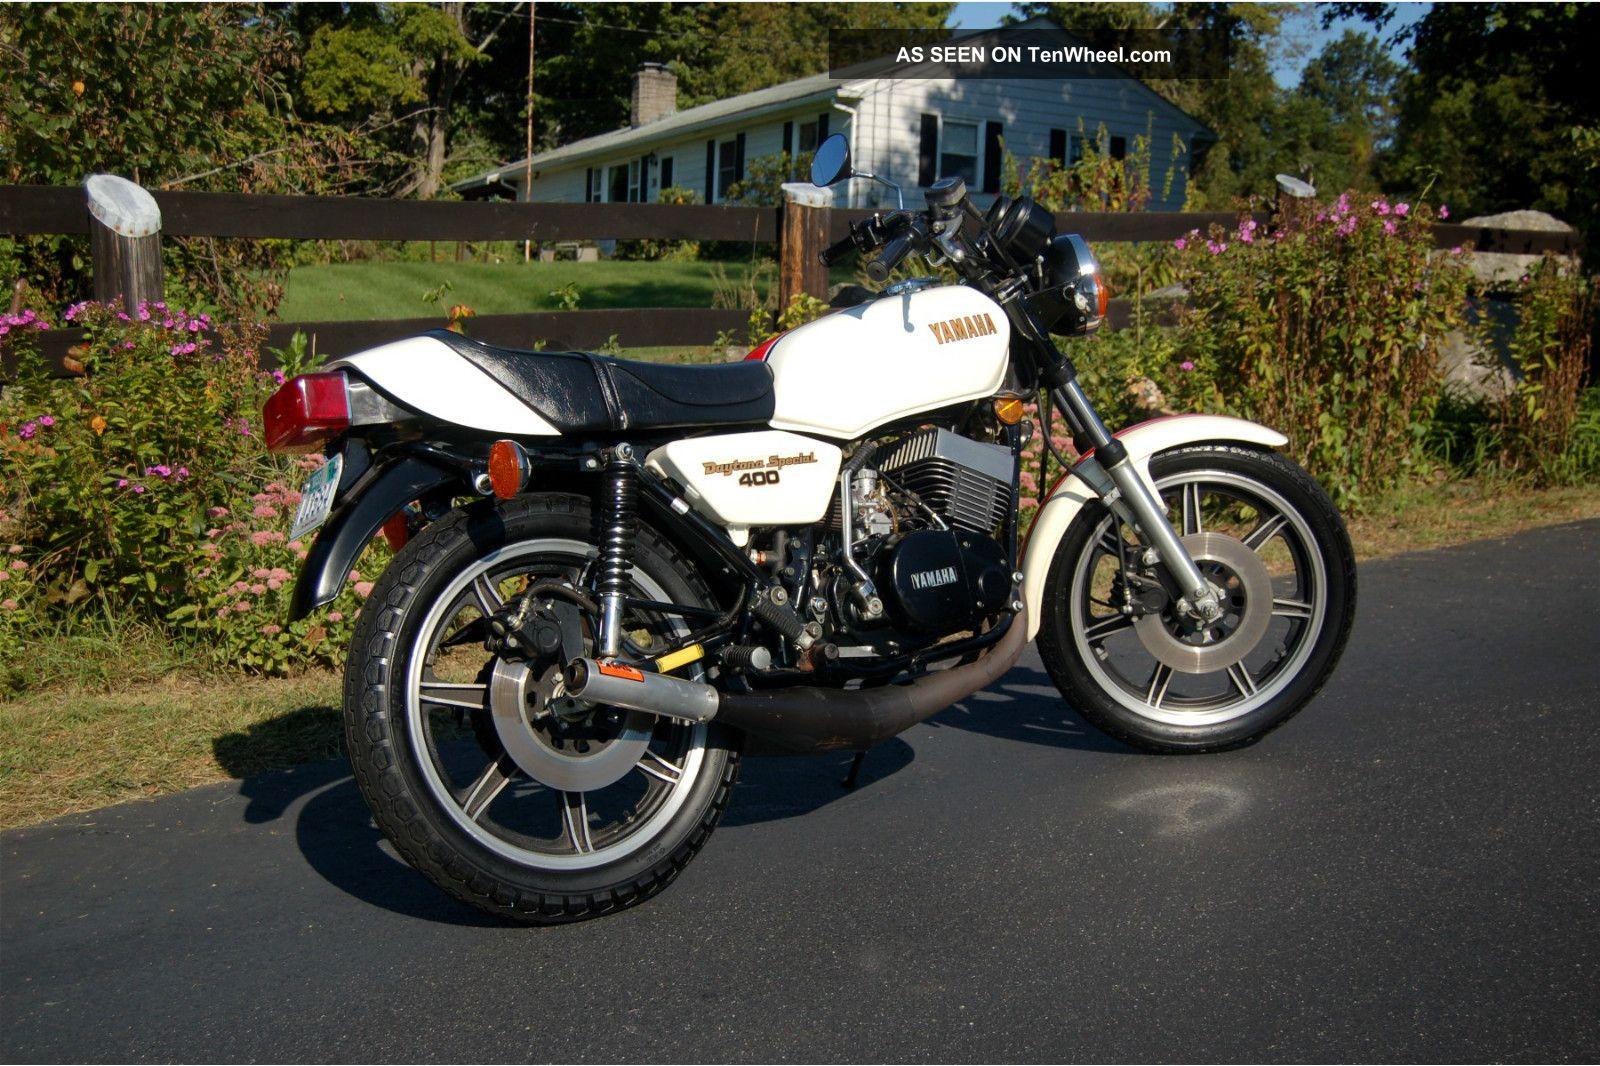 1979 Yamaha Rd400 Datona Special